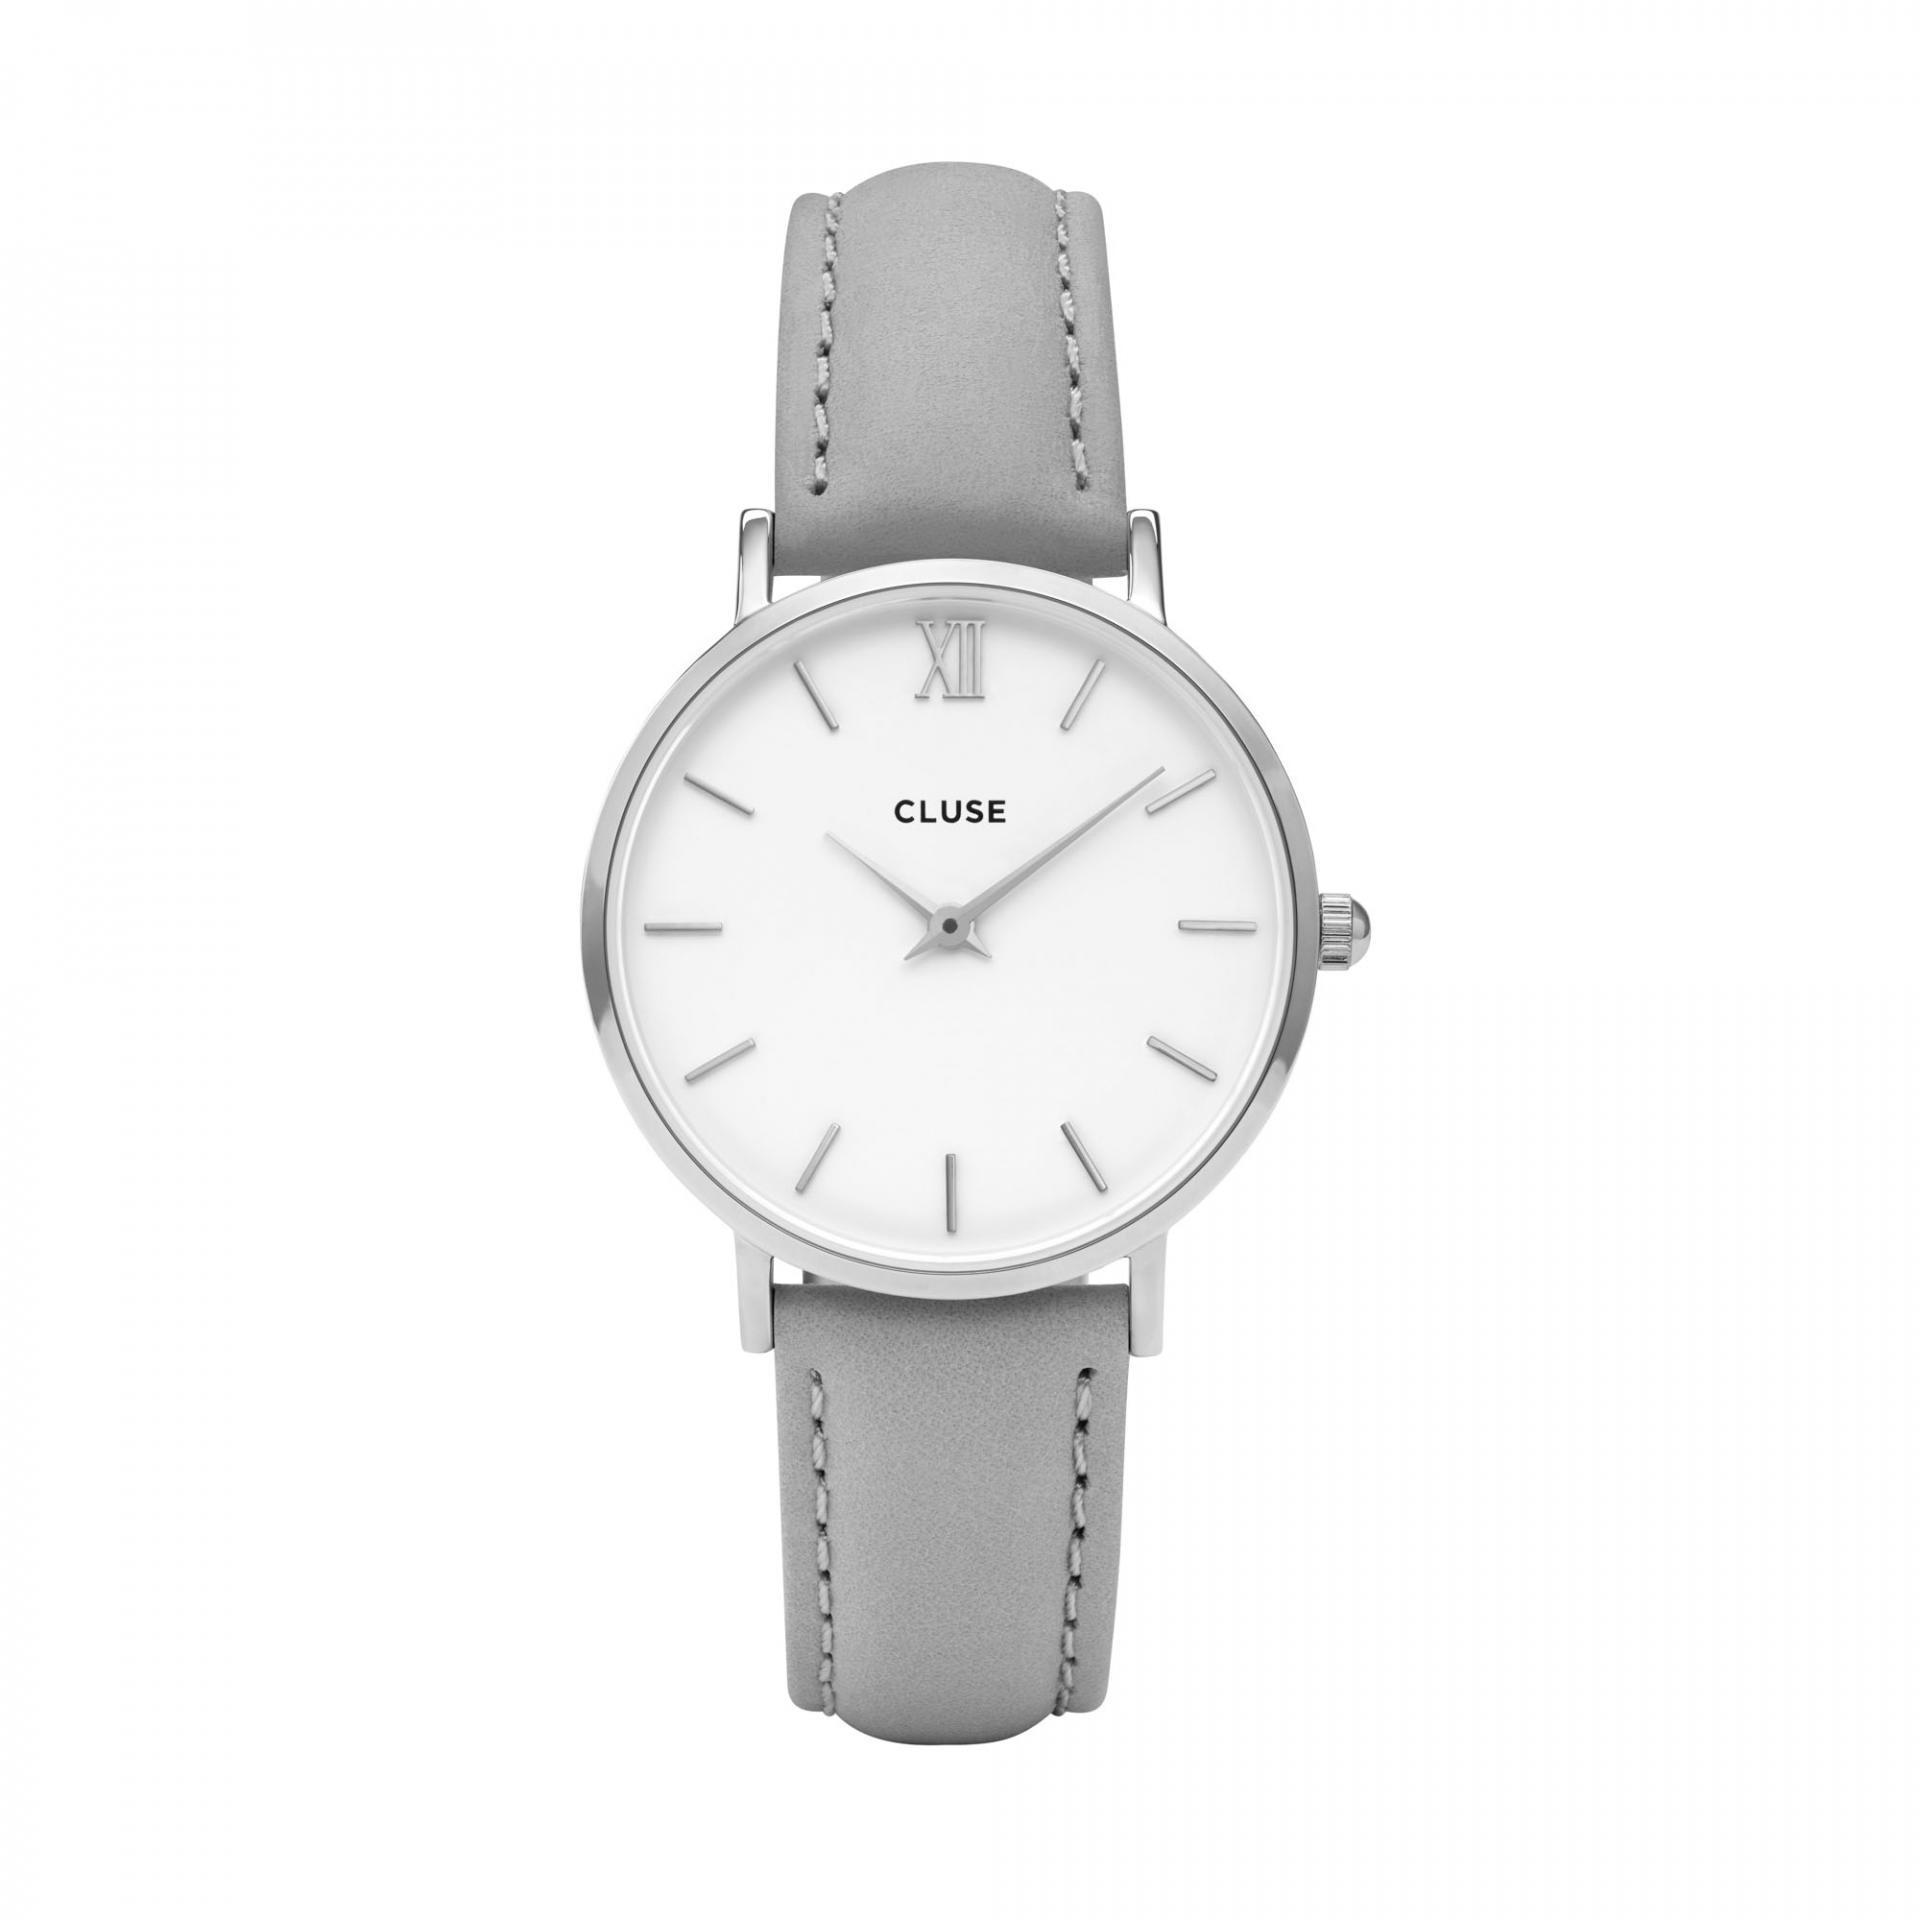 CLUSE Hodinky Cluse Minuit Silver white/grey, šedá barva, bílá barva, sklo, kov, kůže